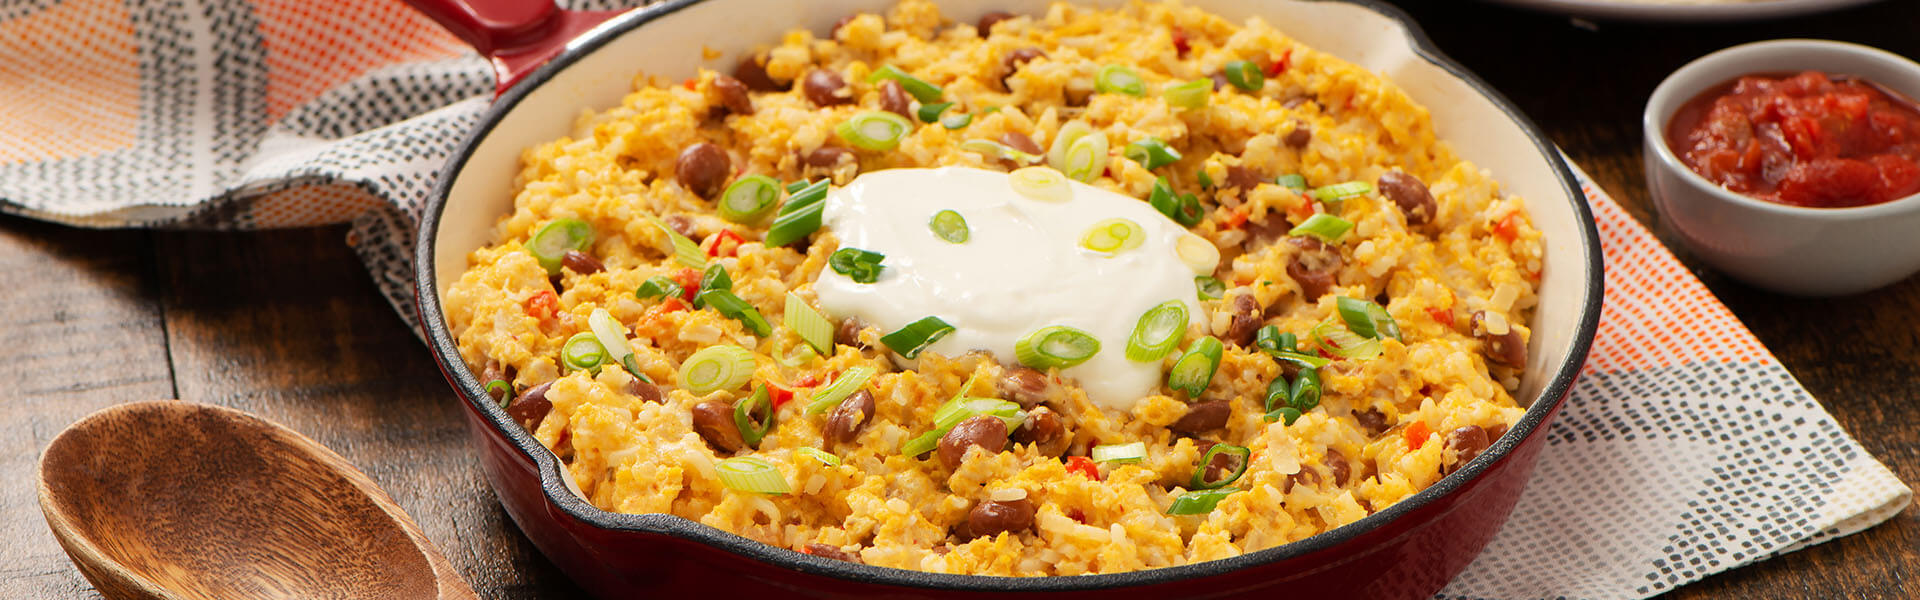 Savory Rice Migas